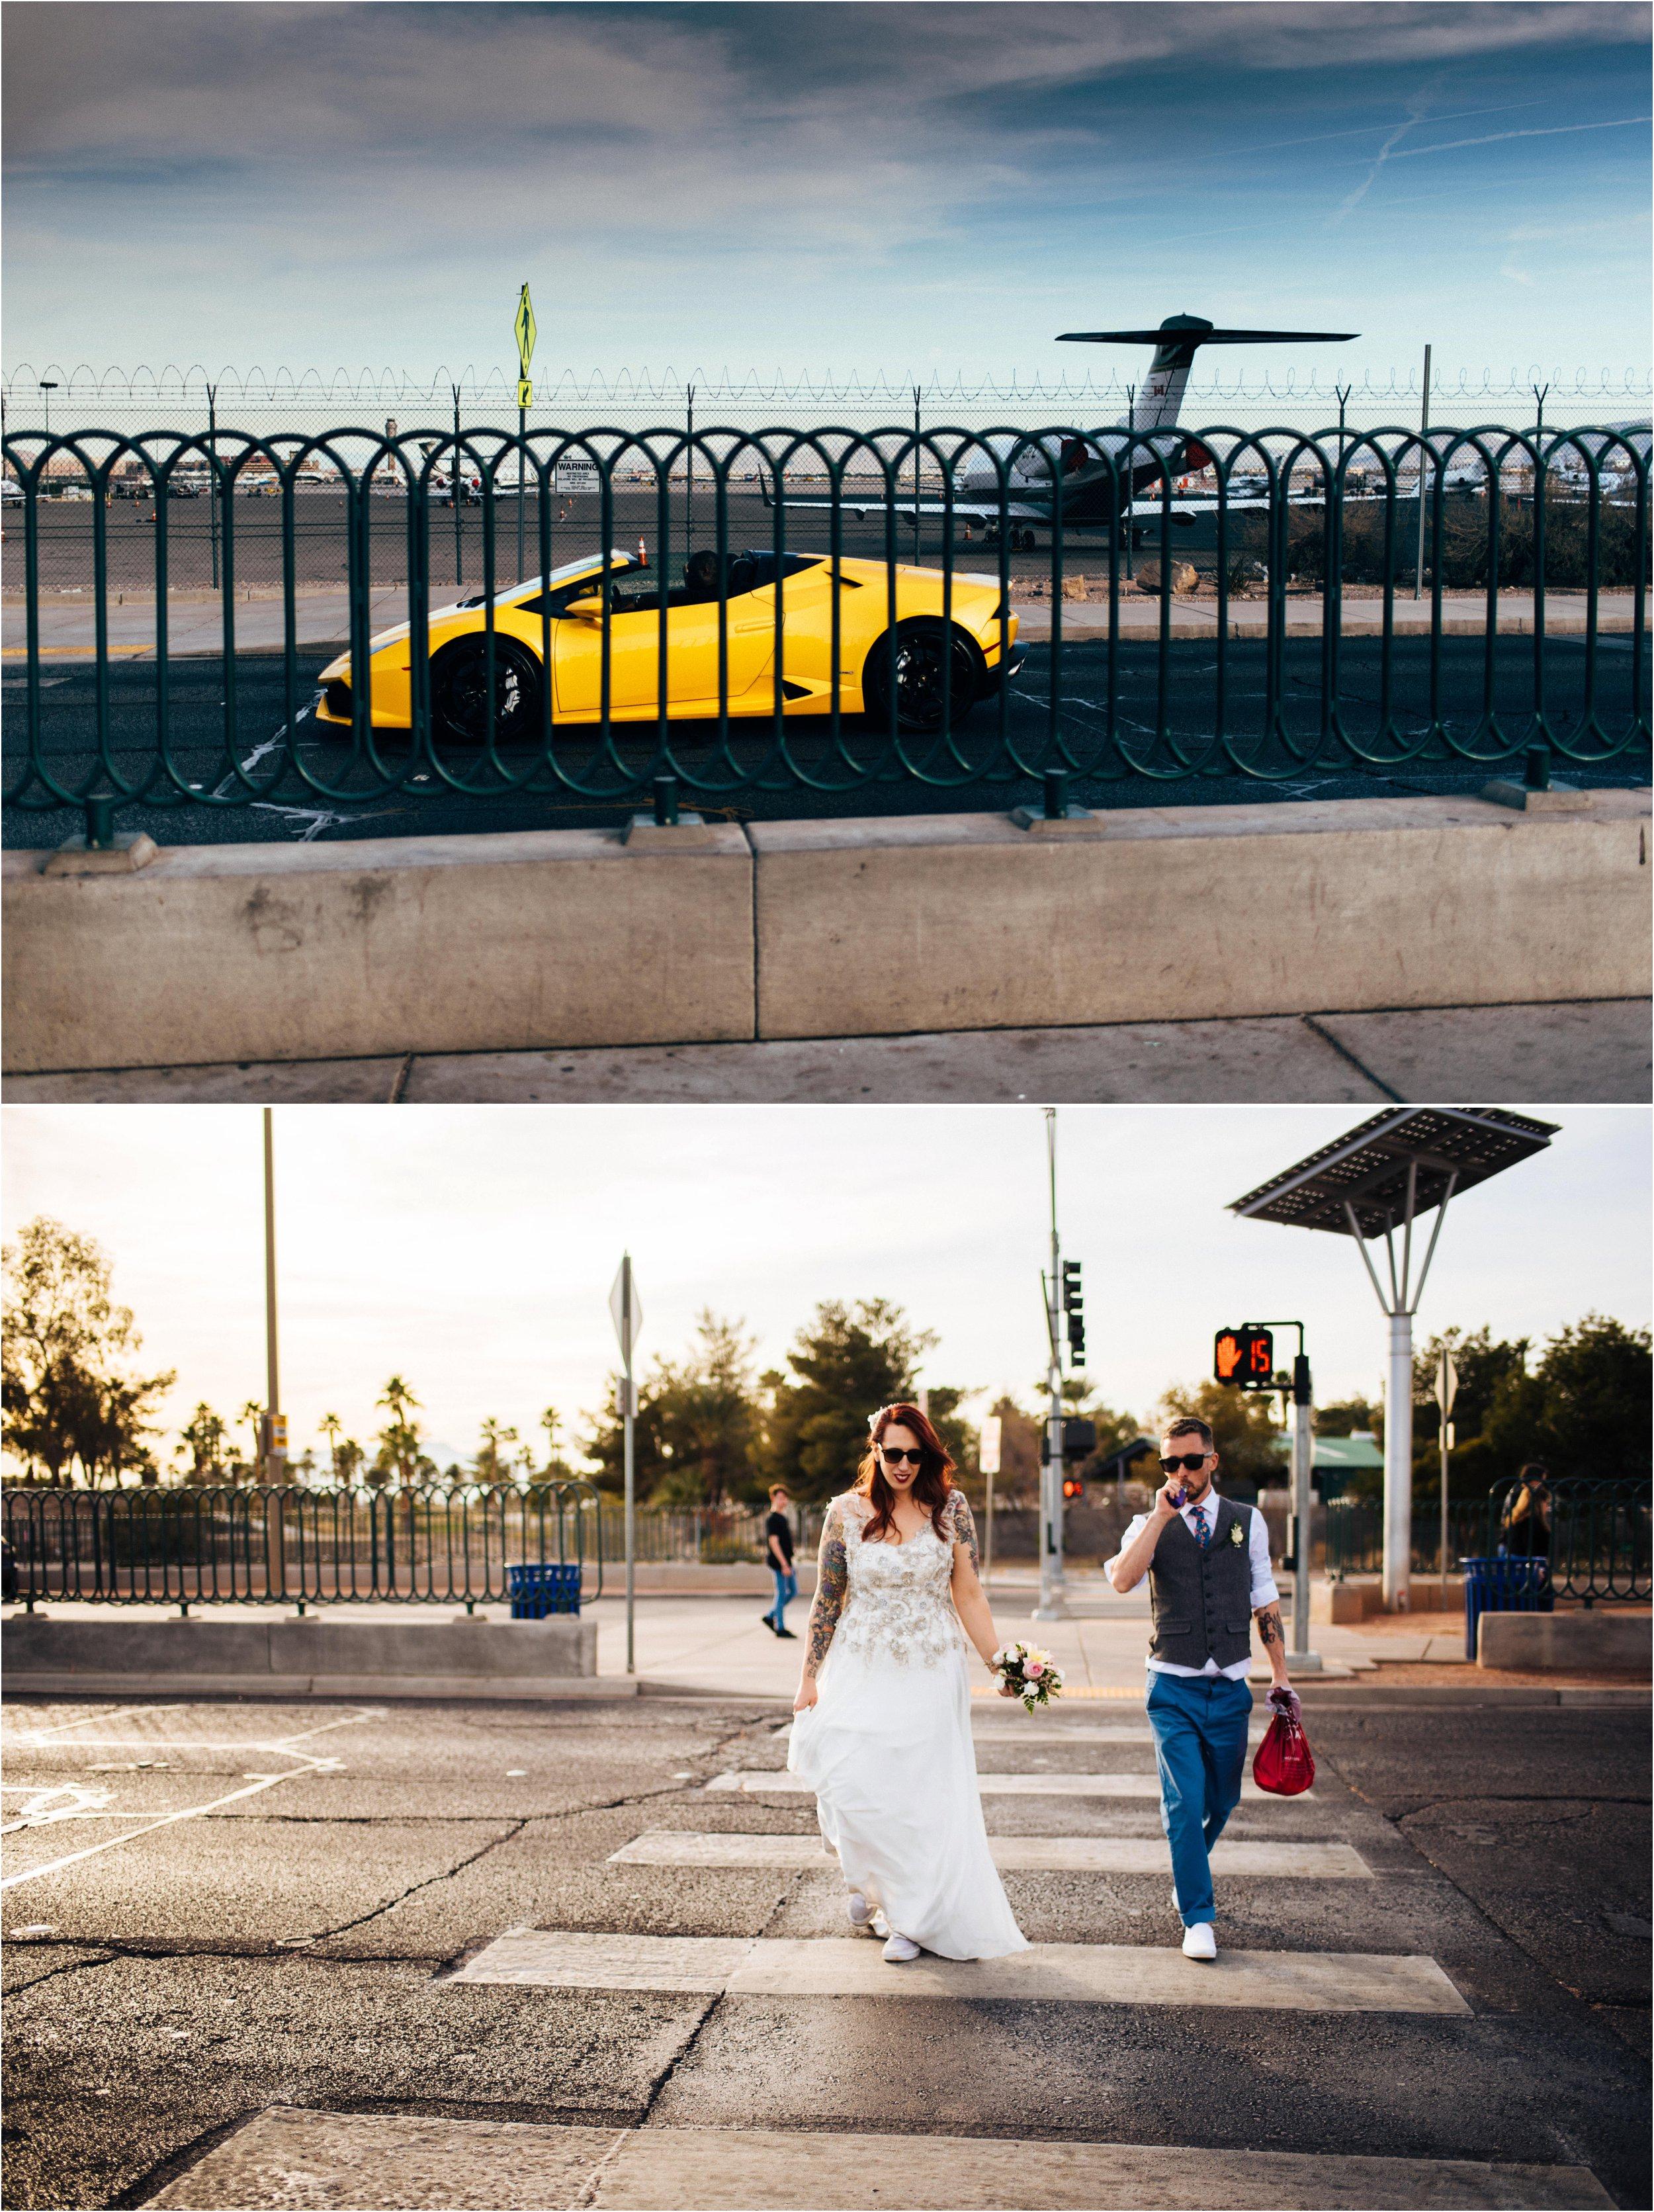 Vegas elopement destination wedding photographer_0139.jpg